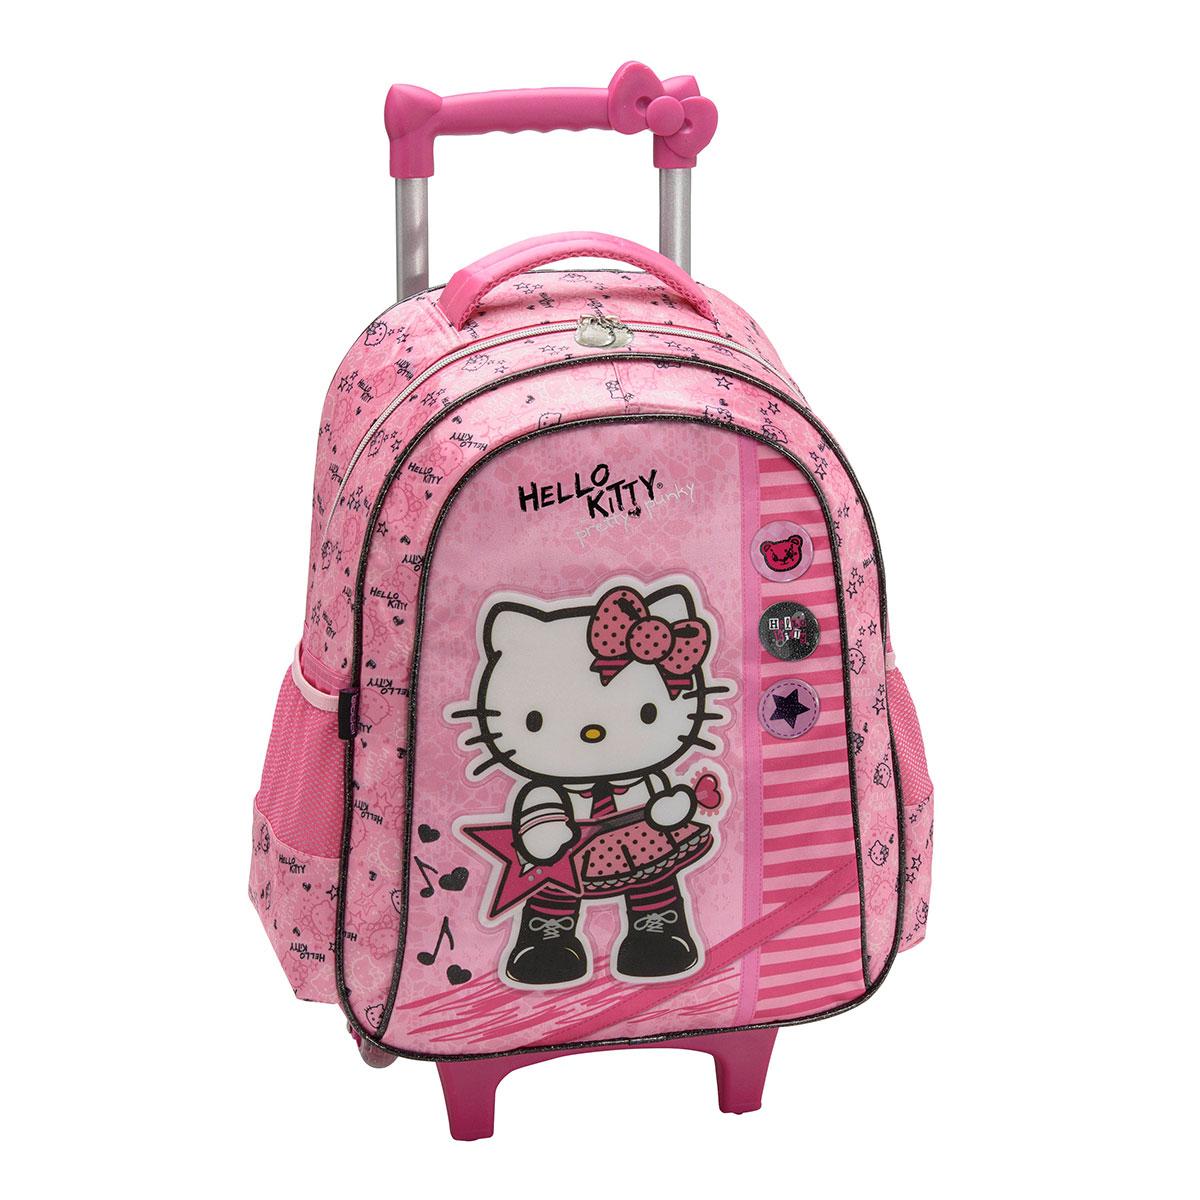 Mochilete Hello Kitty Pretty Rock 924M01